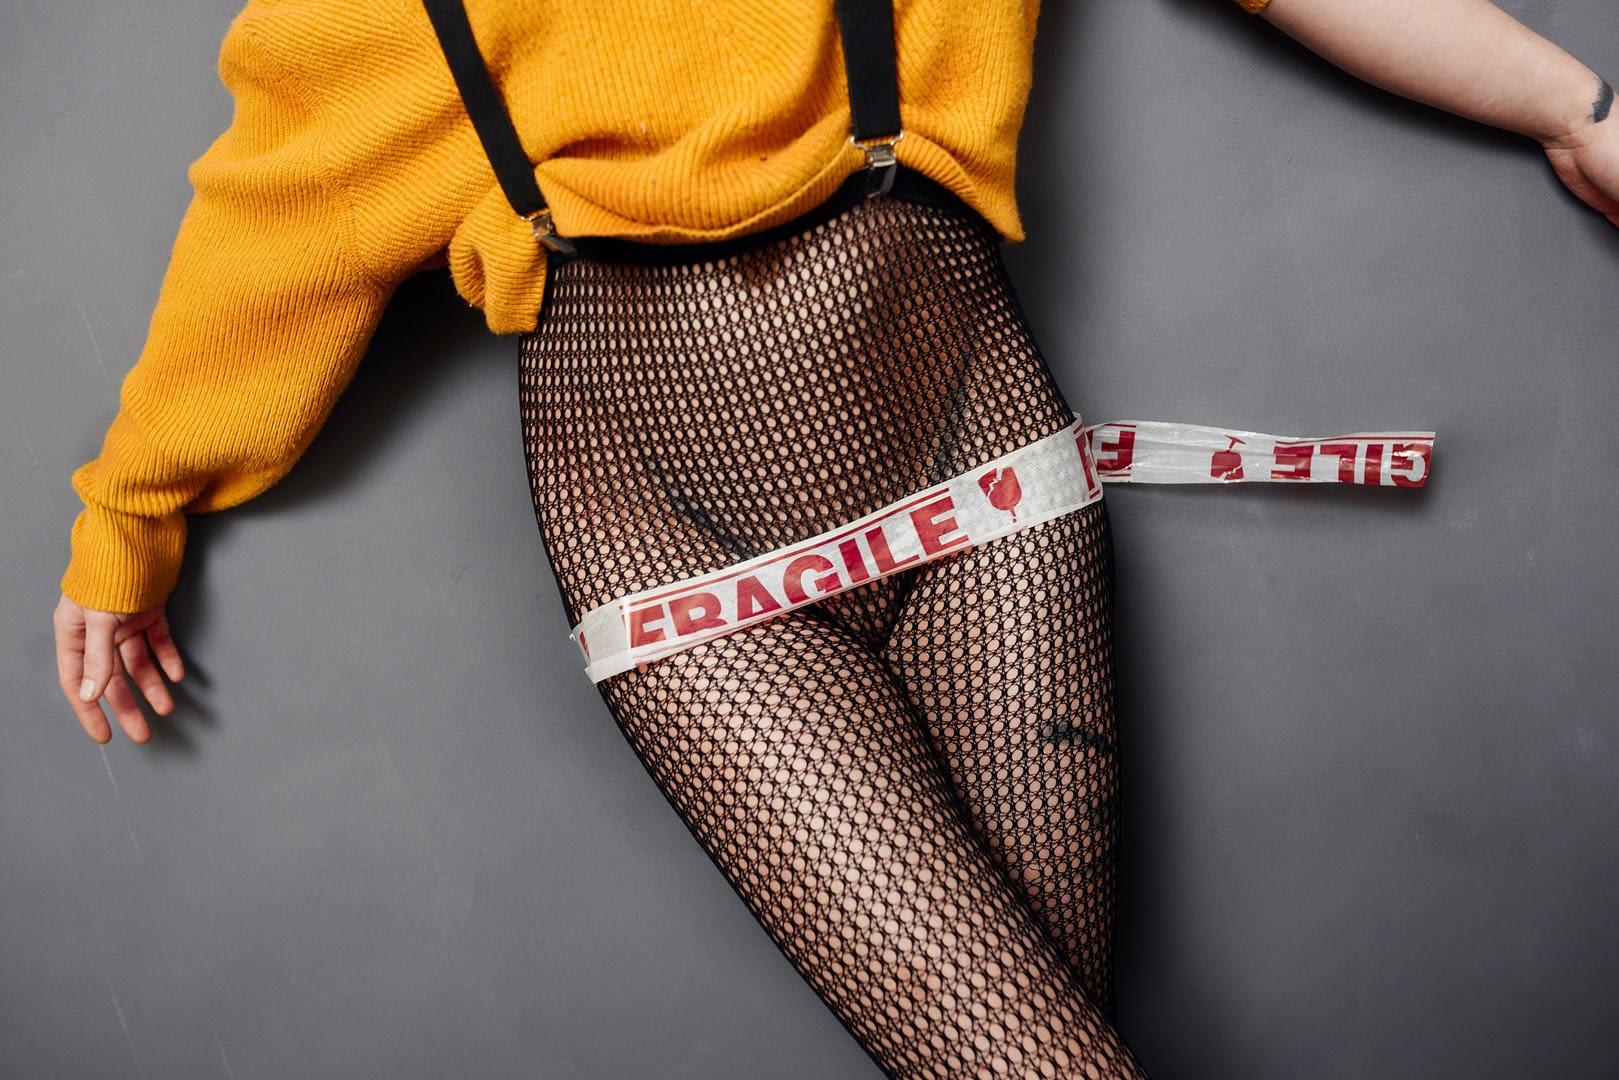 Fine-art Nude Serie: Fragile mit Muriel la Roja Dez 2018 151